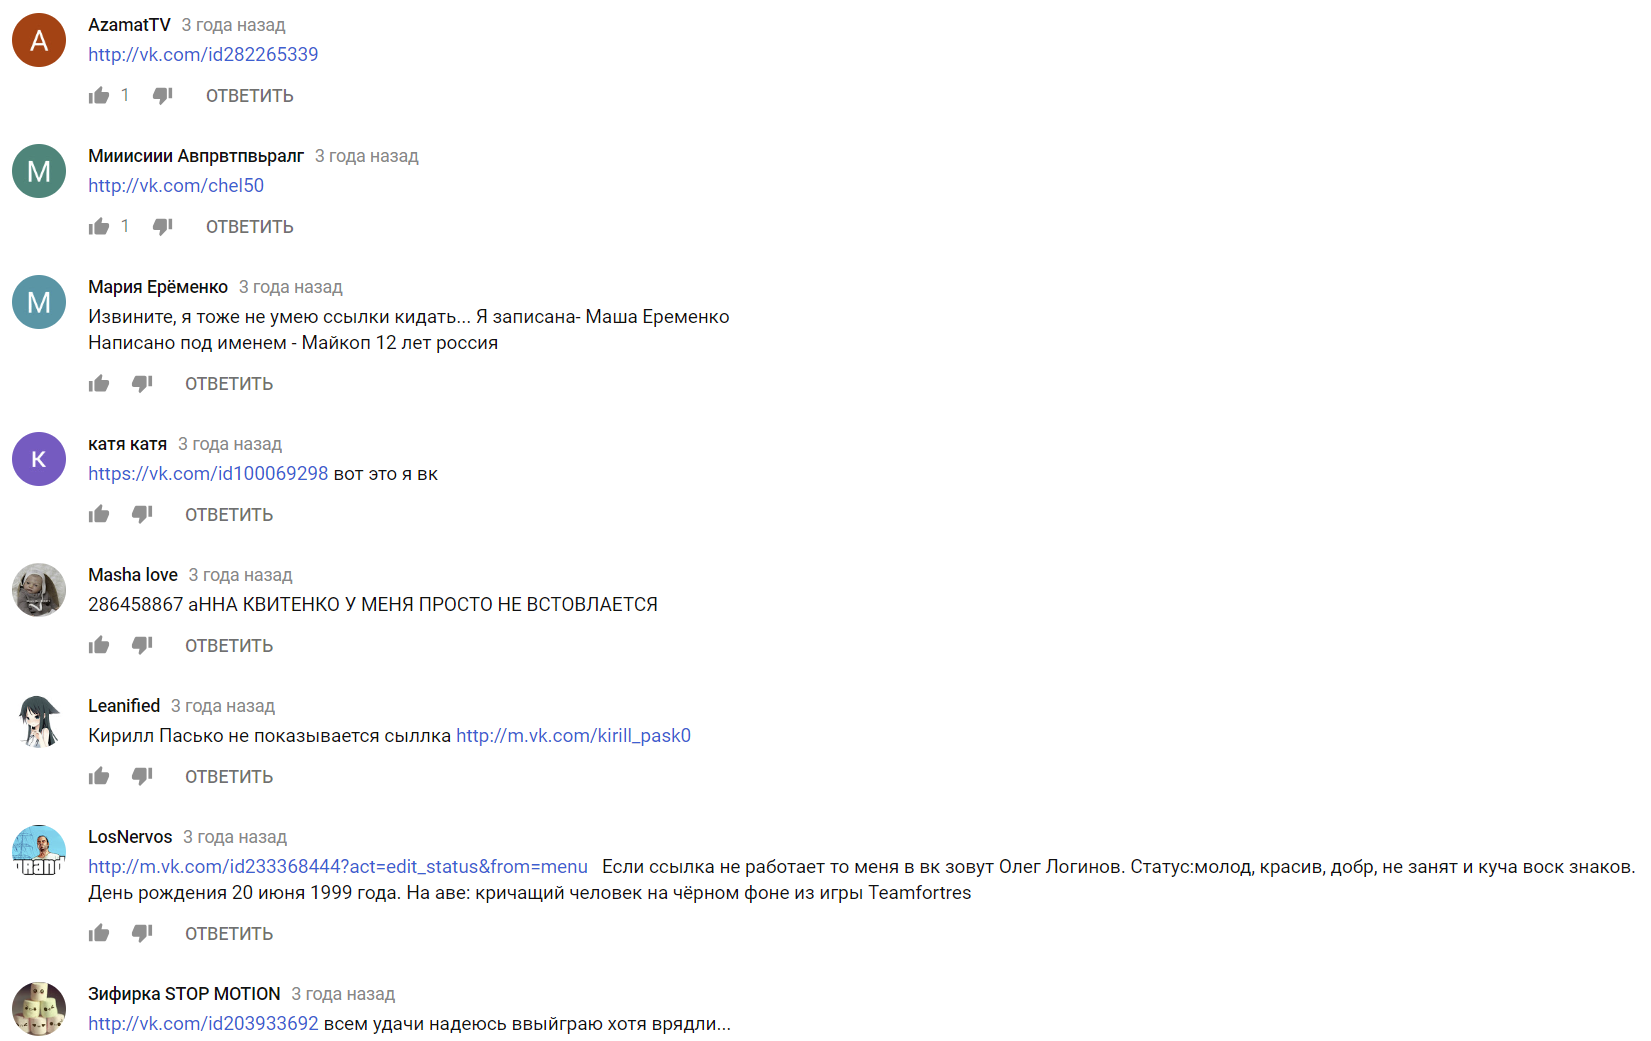 Как находить ботов на ютубе: внешние паттерны взаимодействия комментаторов - 16